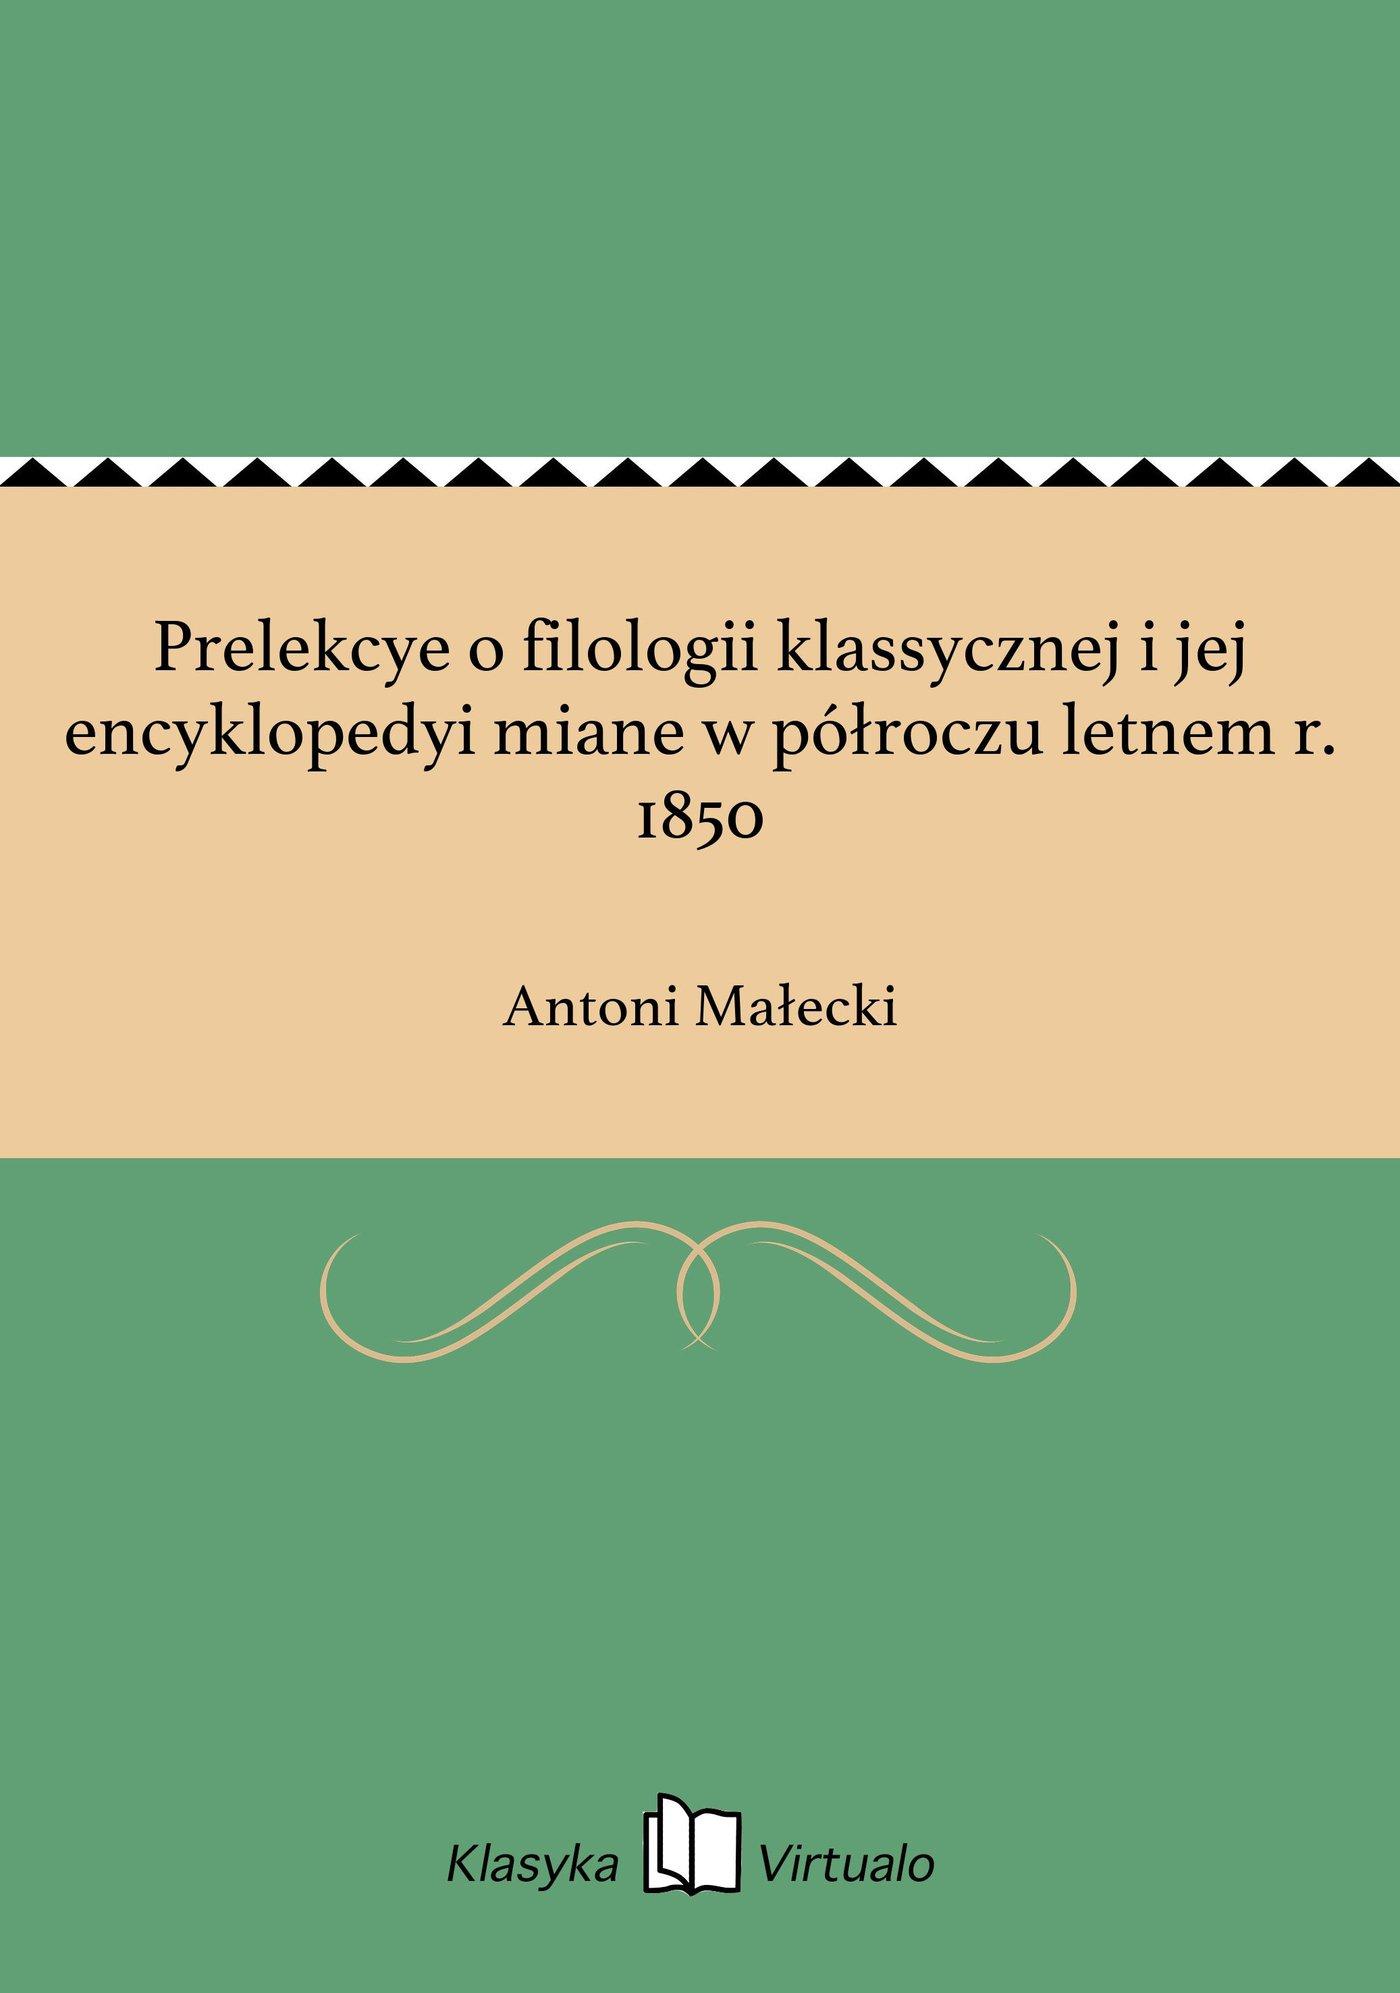 Prelekcye o filologii klassycznej i jej encyklopedyi miane w półroczu letnem r. 1850 - Ebook (Książka na Kindle) do pobrania w formacie MOBI